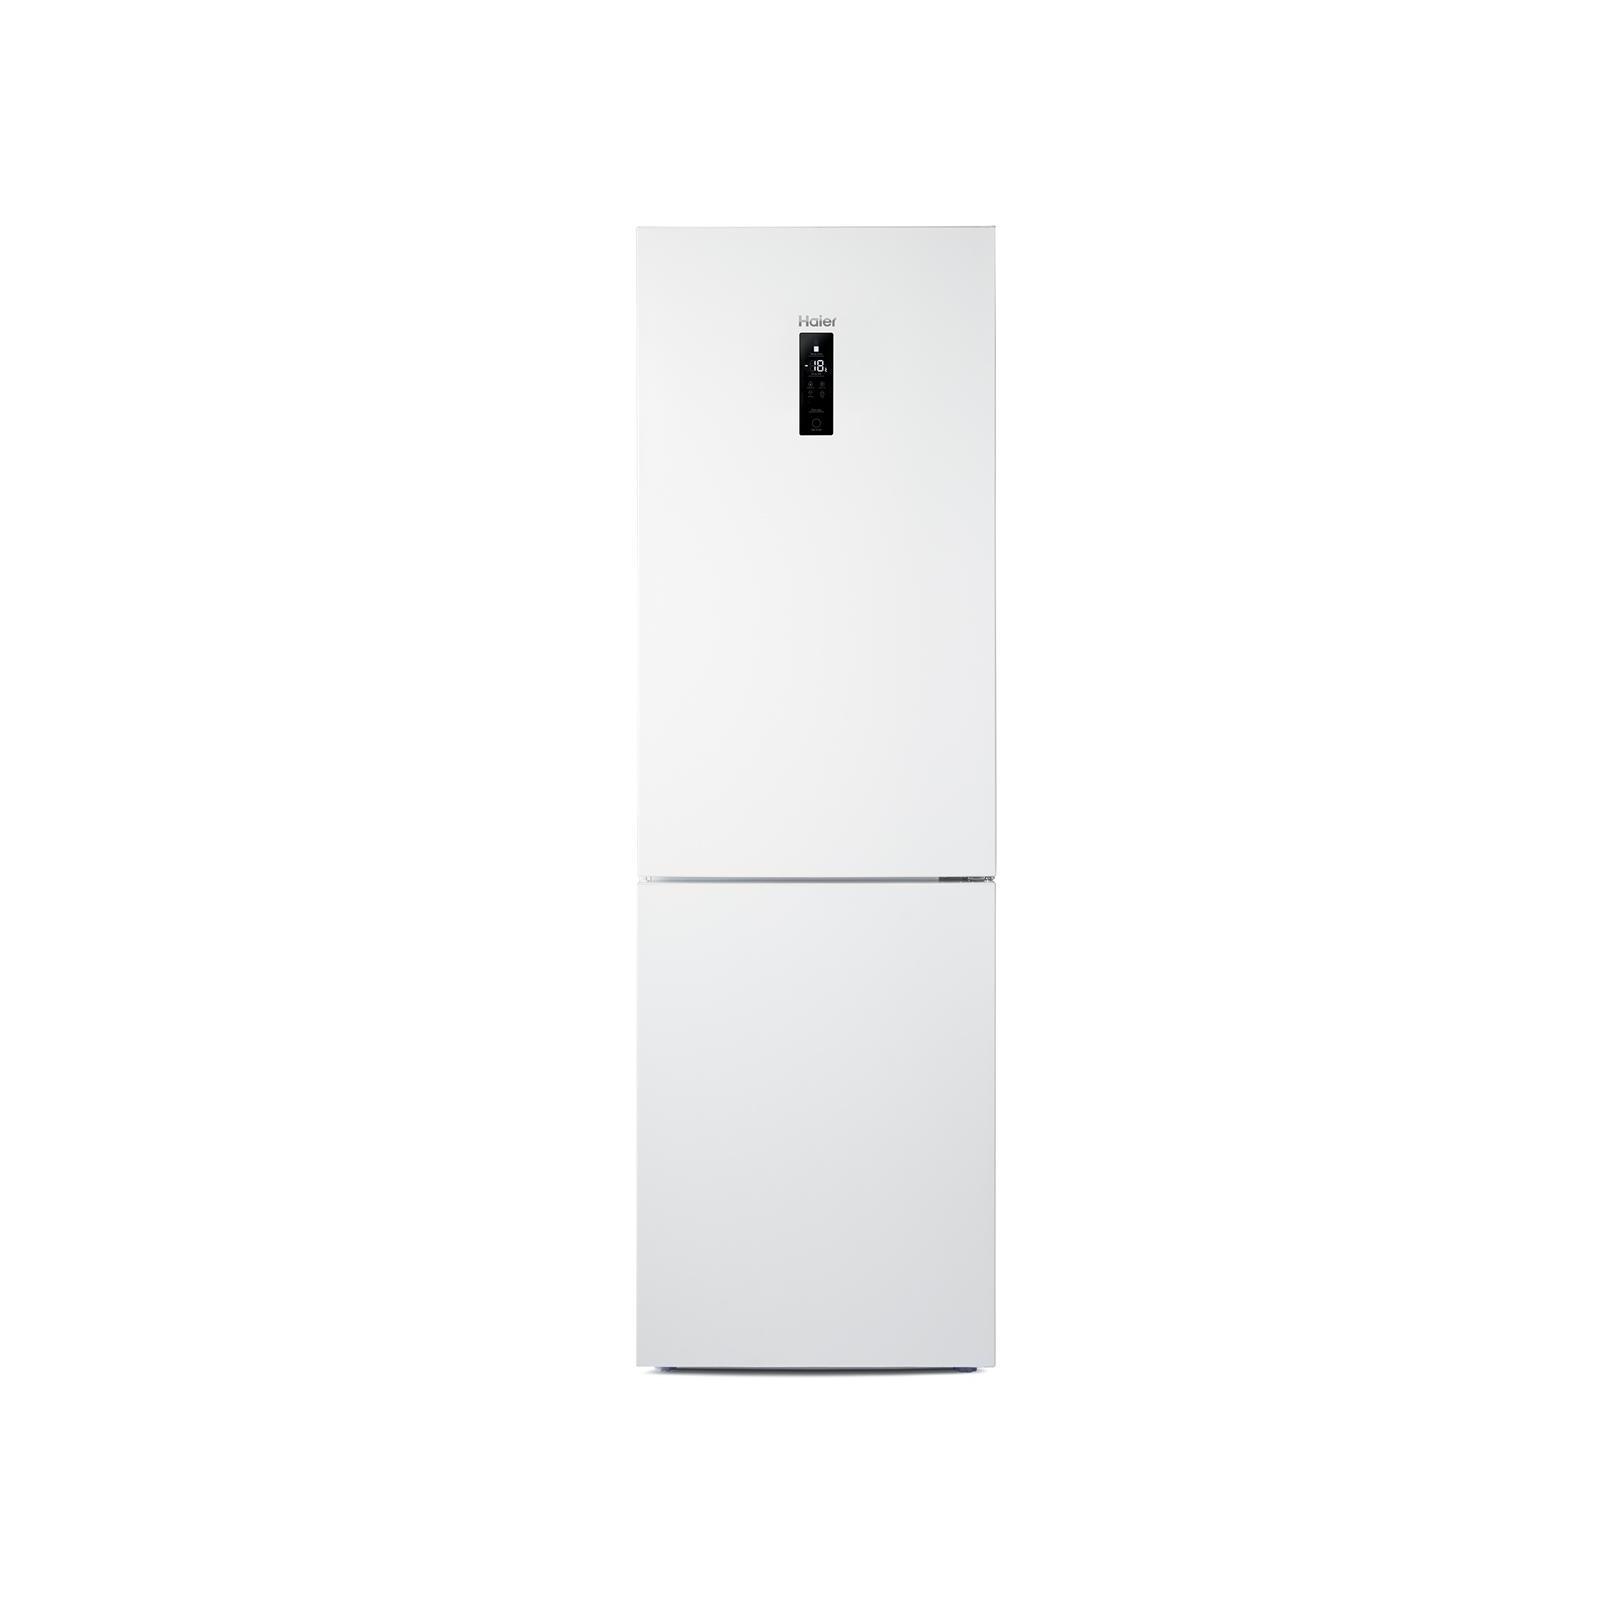 Холодильник Haier HA C2F636CWRG